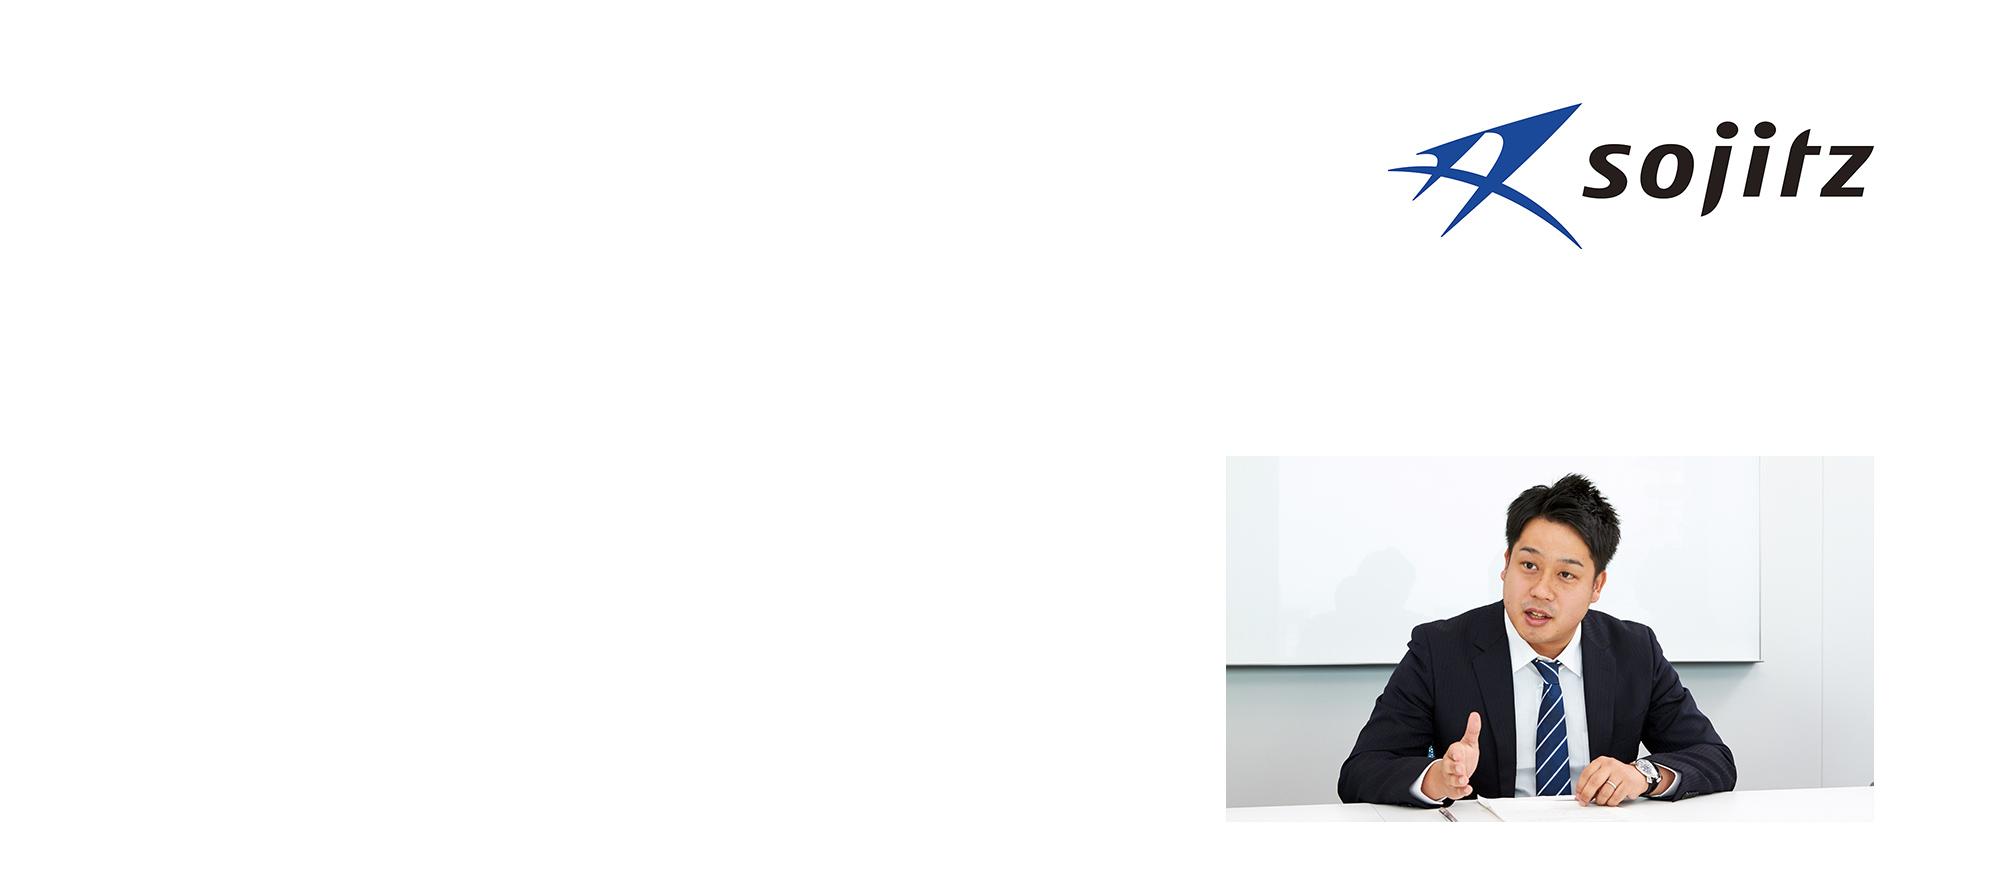 双日株式会社様の事例紹介ERPのアドオンからProPlusにリプレイスし、日本基準・IFRS基準の統合を実現